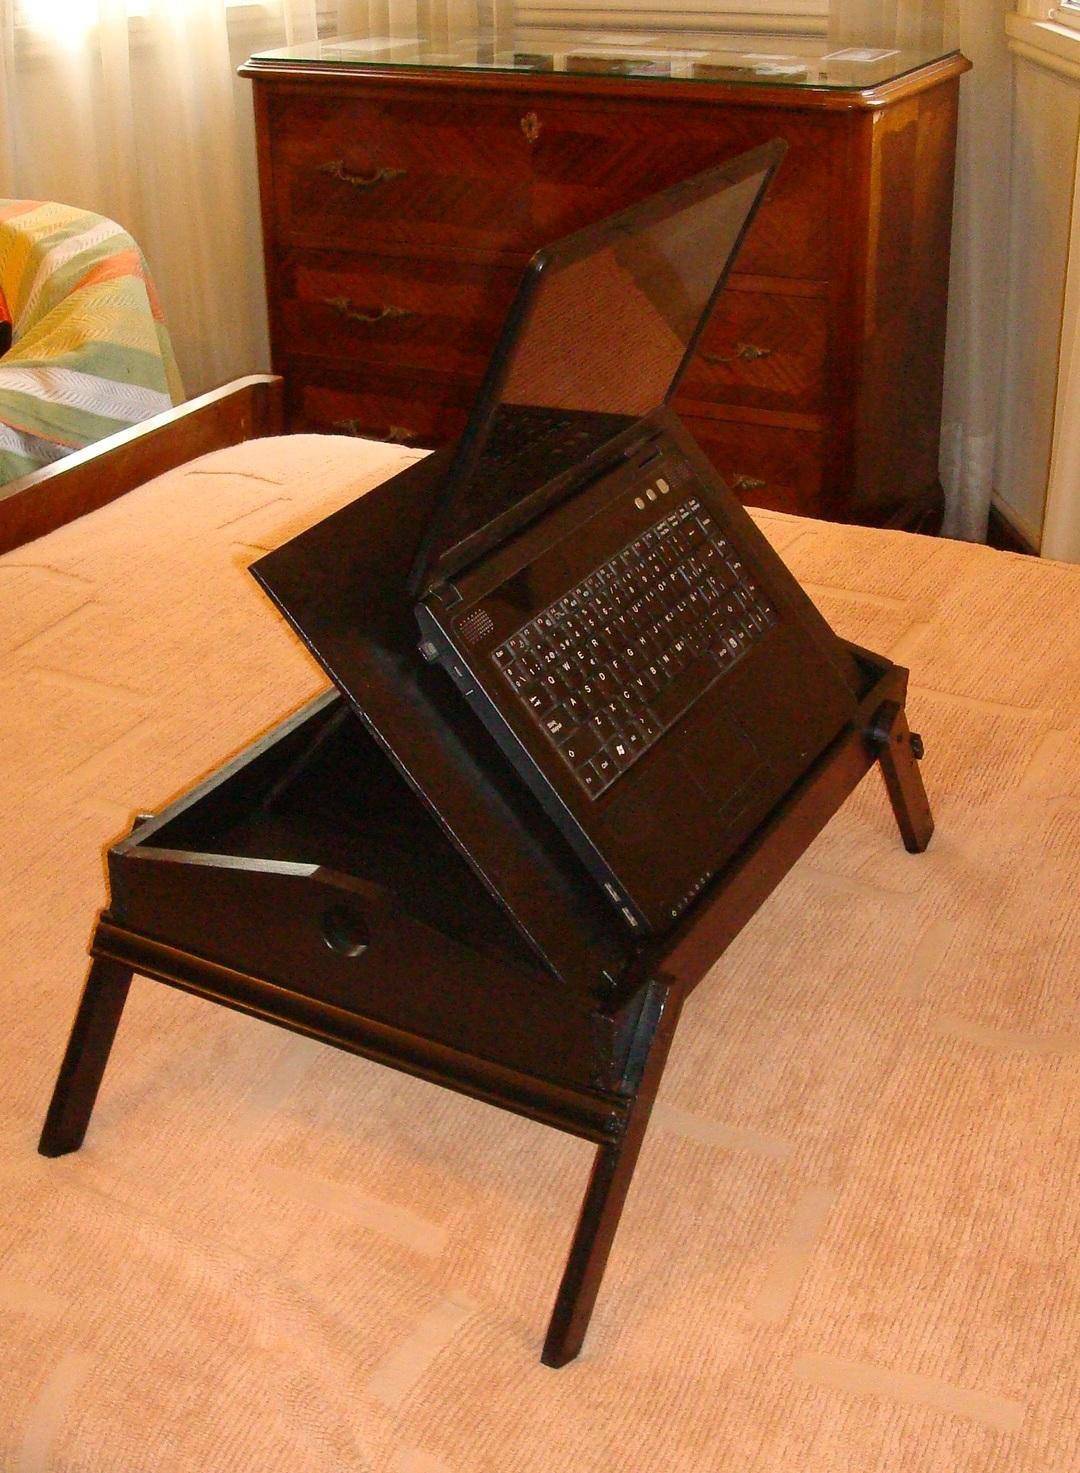 Mararmarzo mesa de desayuno con atril para notebook lapotop - Luz para leer en la cama ...